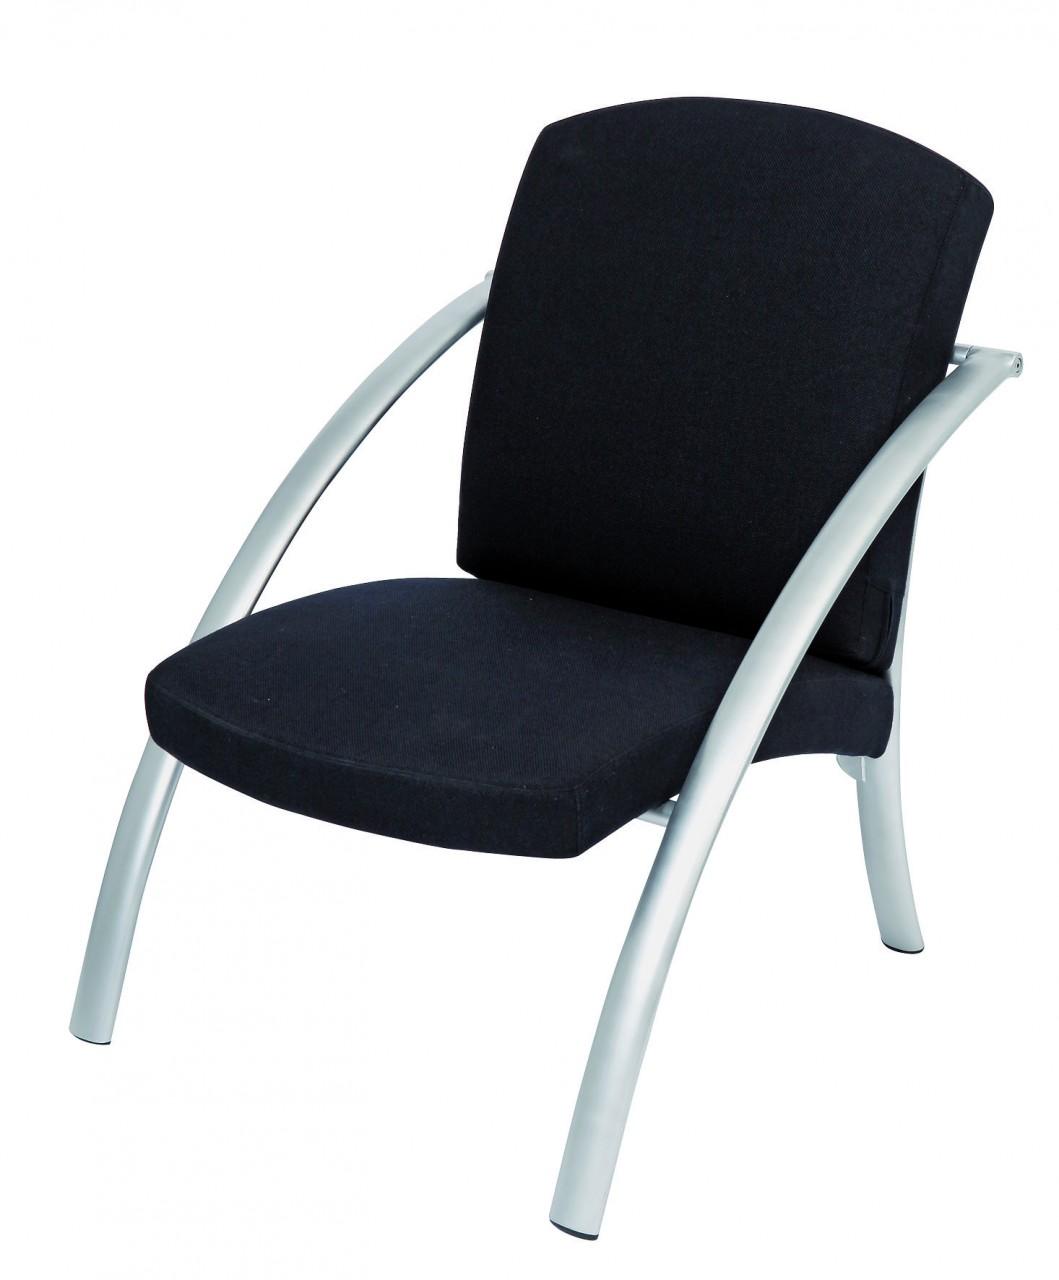 chauffeuse 1 place novel achat fauteuils d 39 accueil. Black Bedroom Furniture Sets. Home Design Ideas